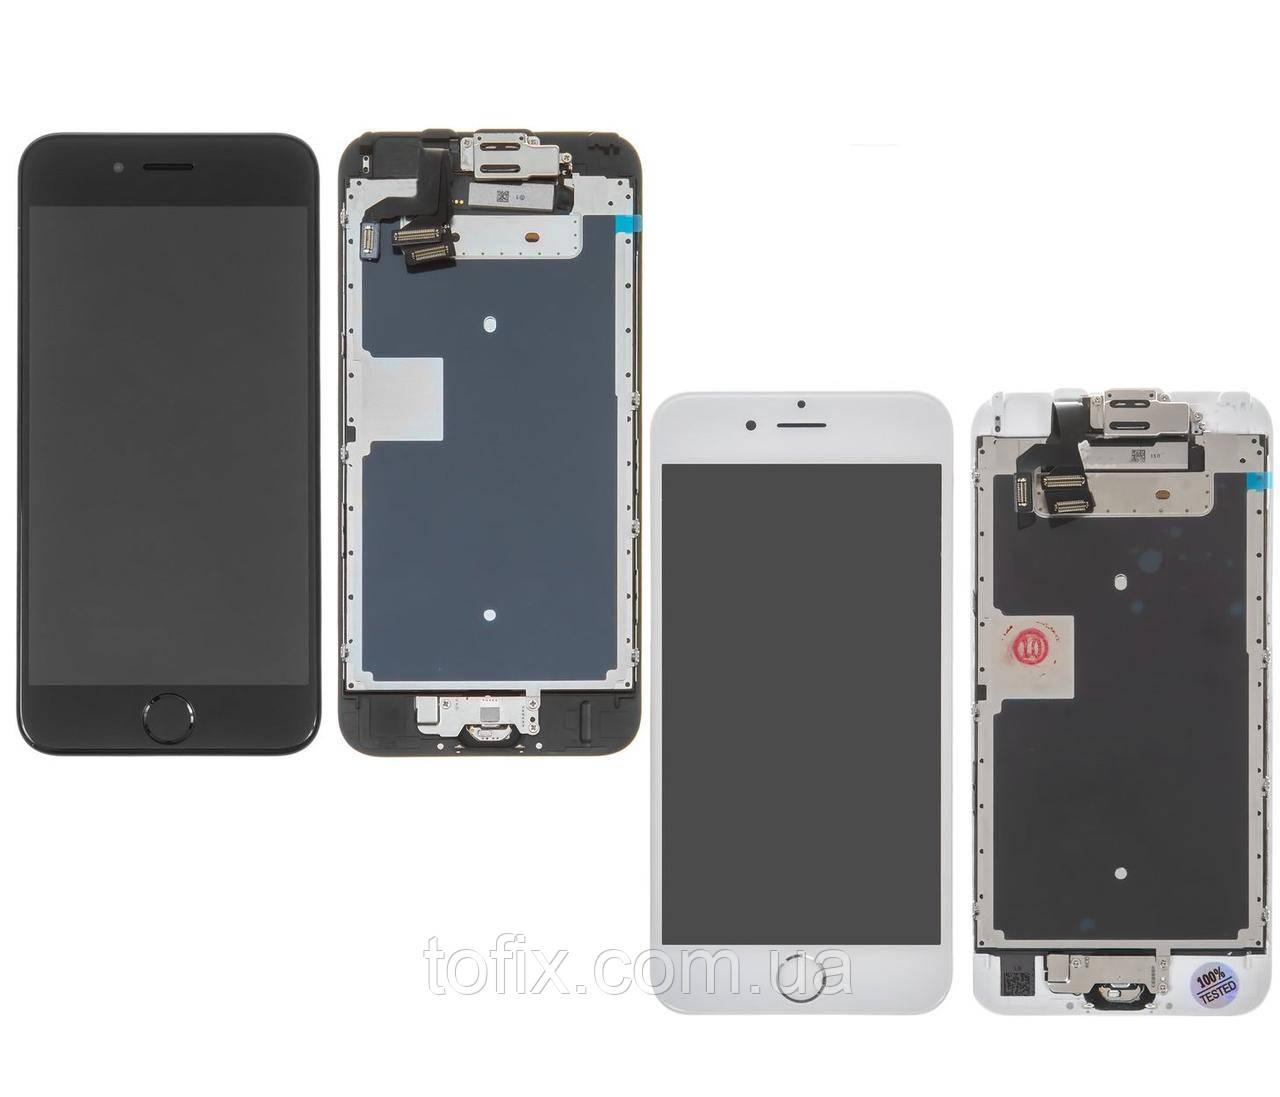 Дисплей для iPhone 6S, модуль в сборе (экран и сенсор), с динамиком, с камерой и кнопкой HOME